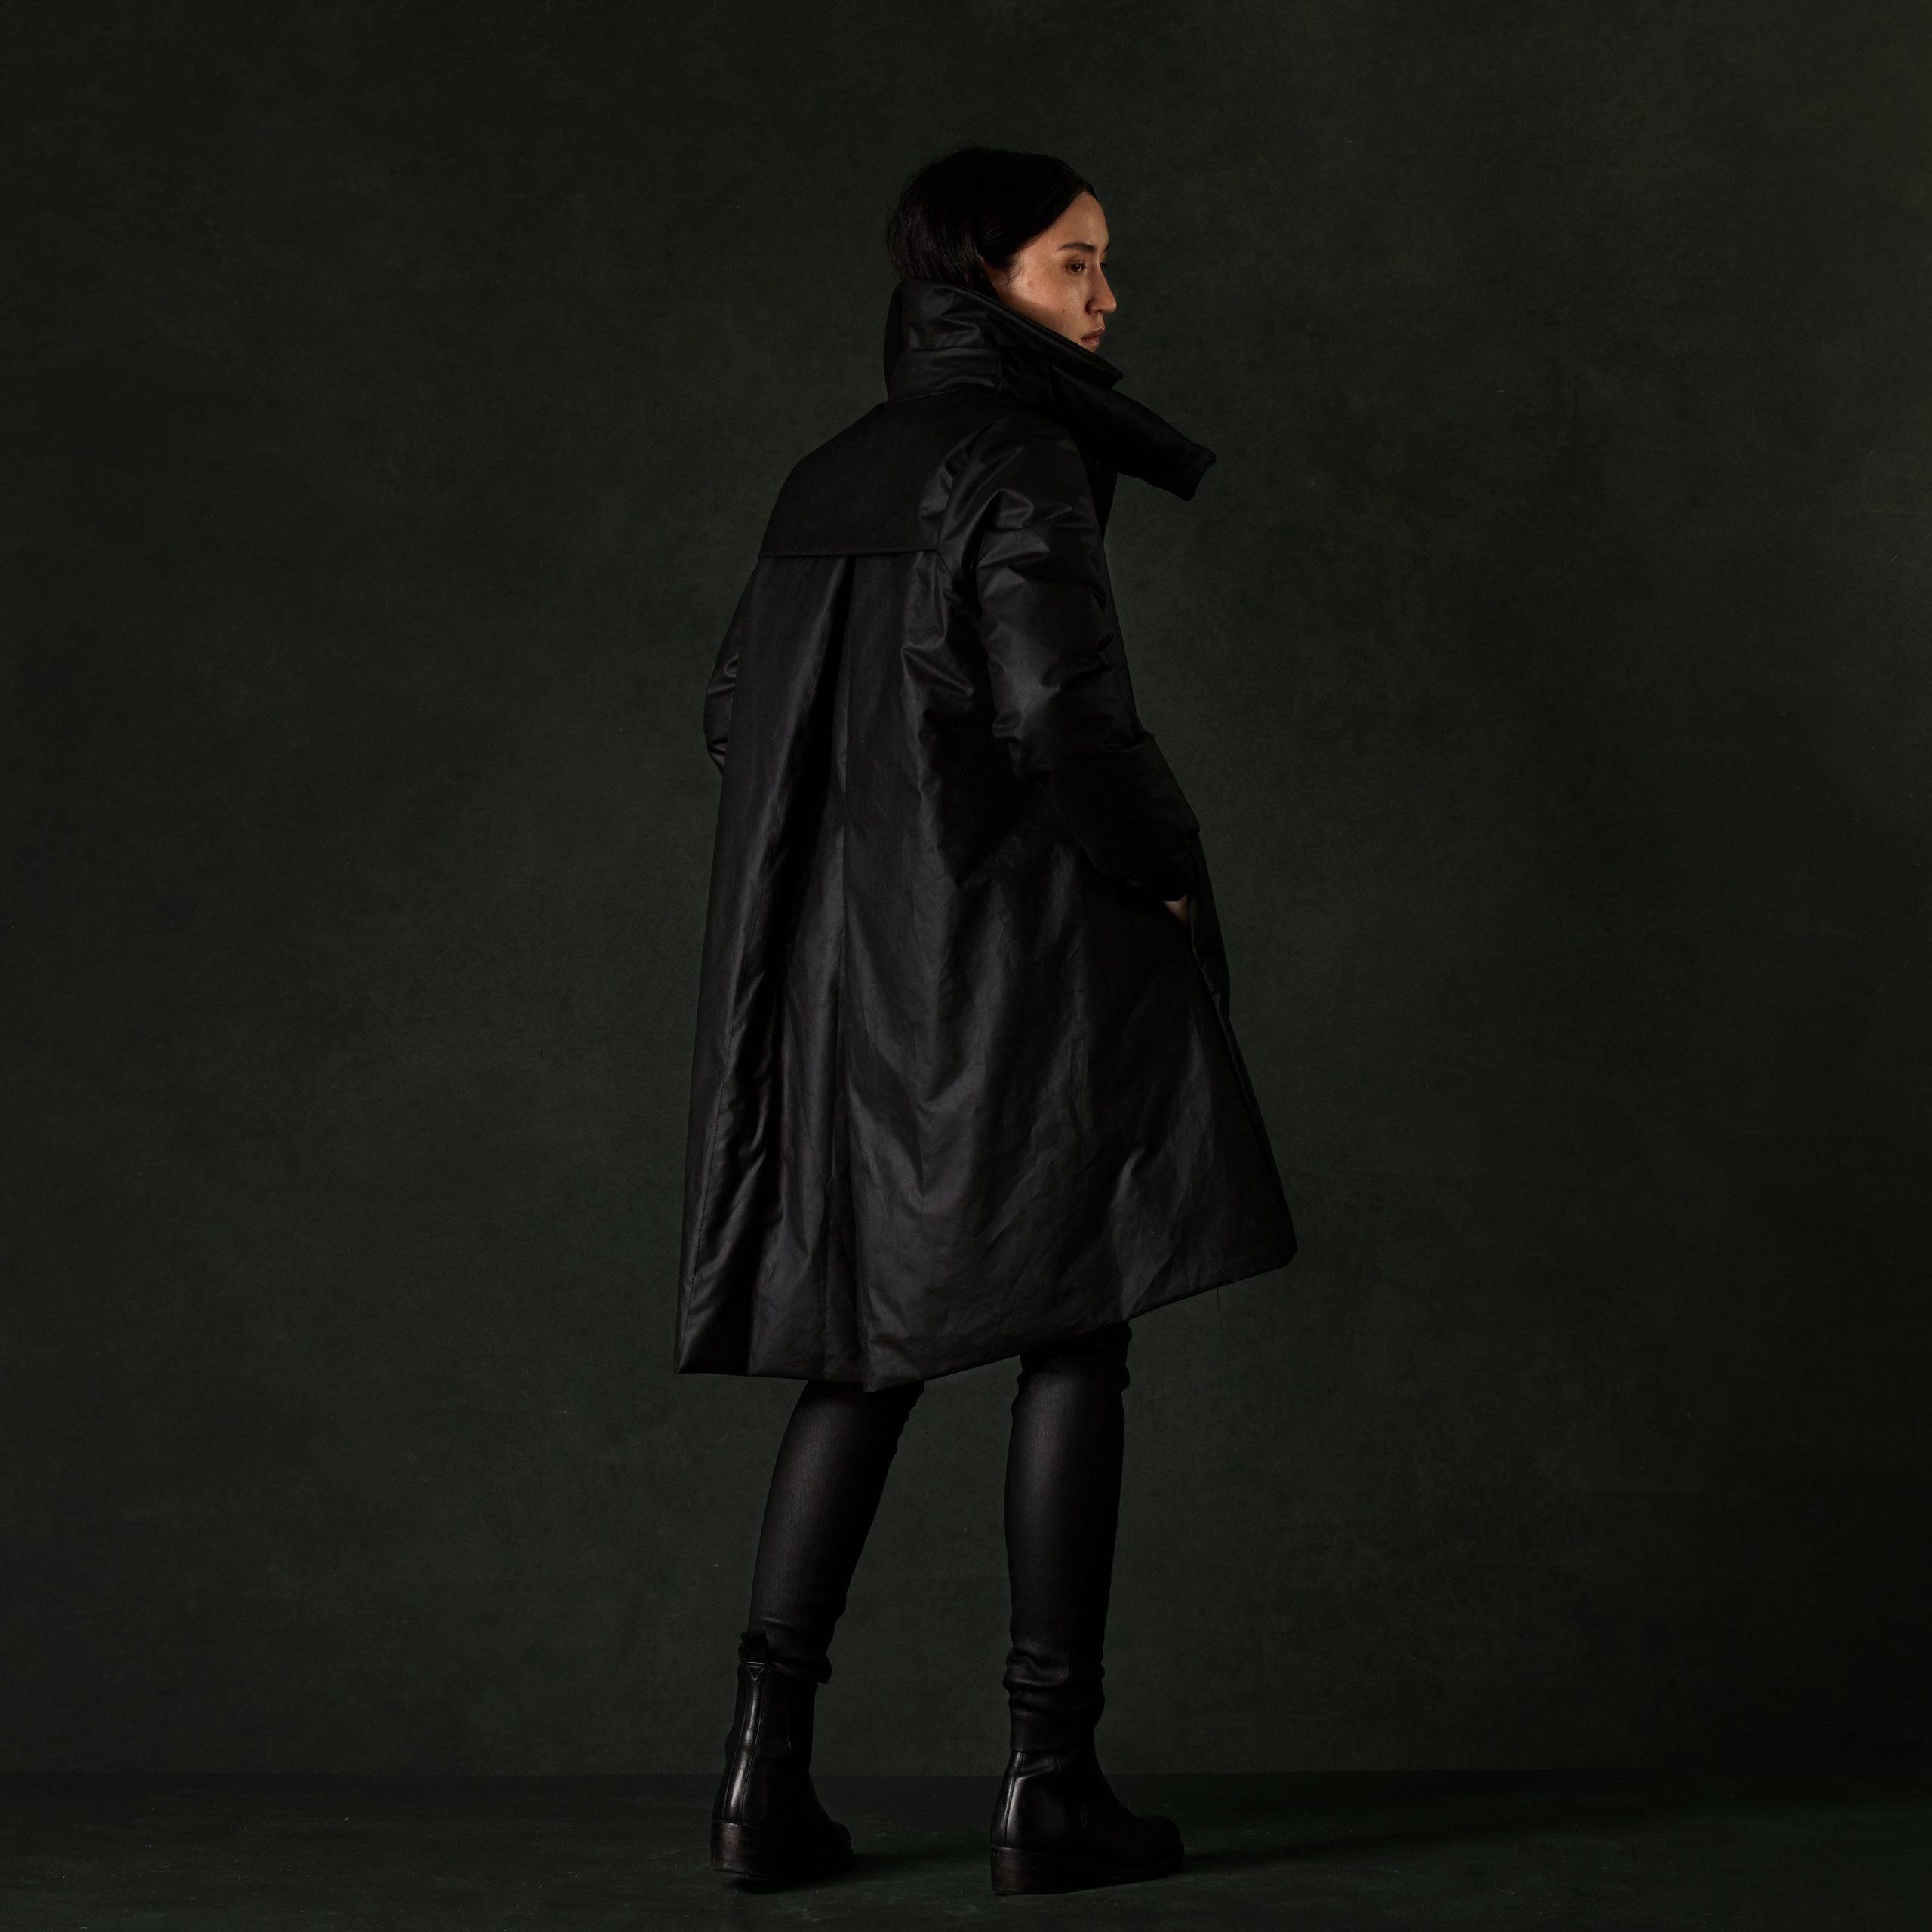 Photographe spécialisé en vêtement et manteaux de prestige luxueux